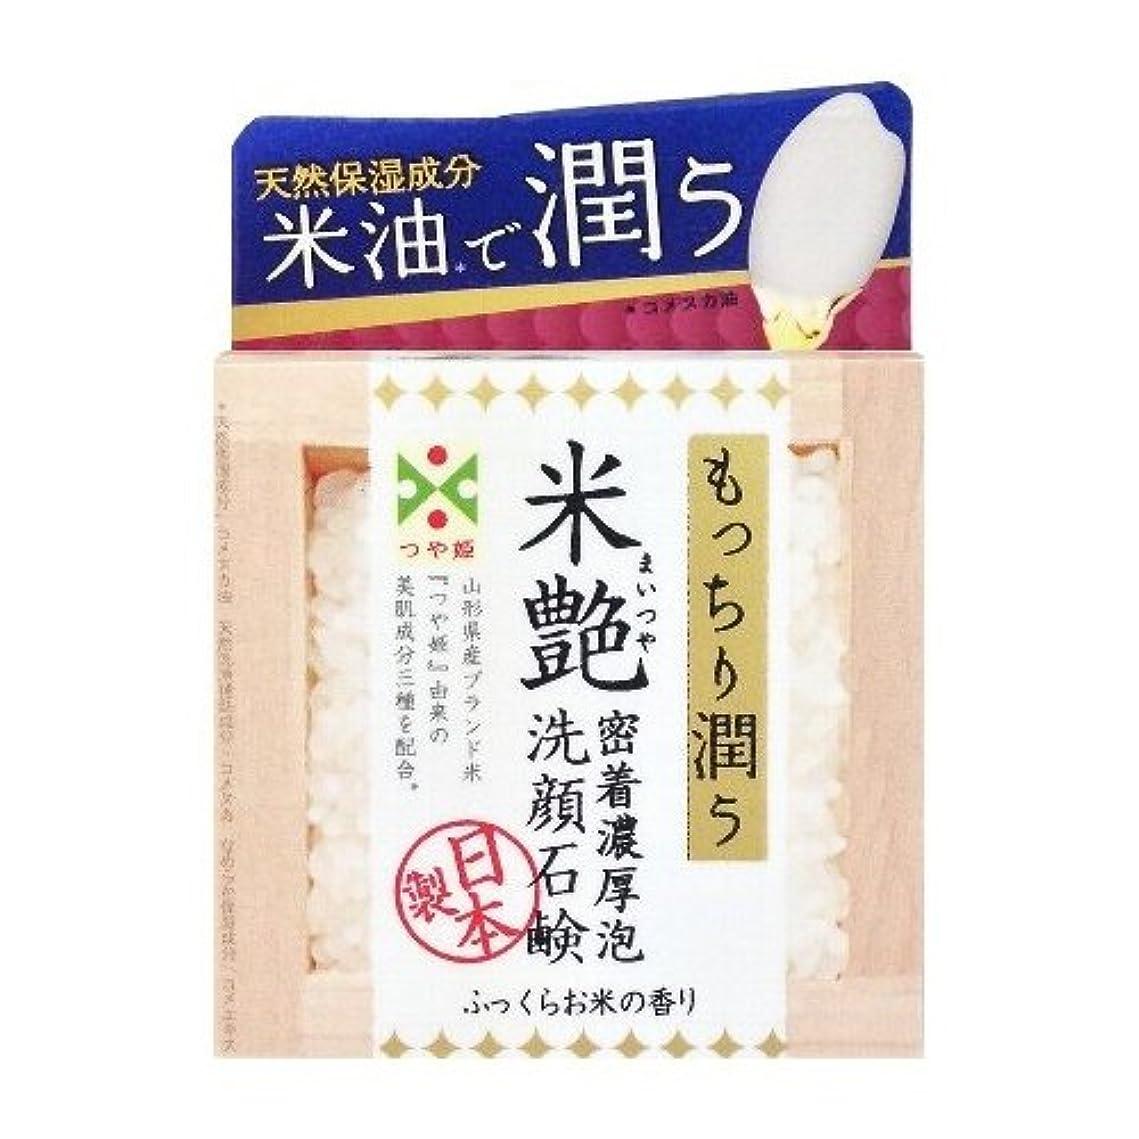 呼吸サーキュレーション粒子ペリカン石鹸 米艶洗顔石鹸 100g